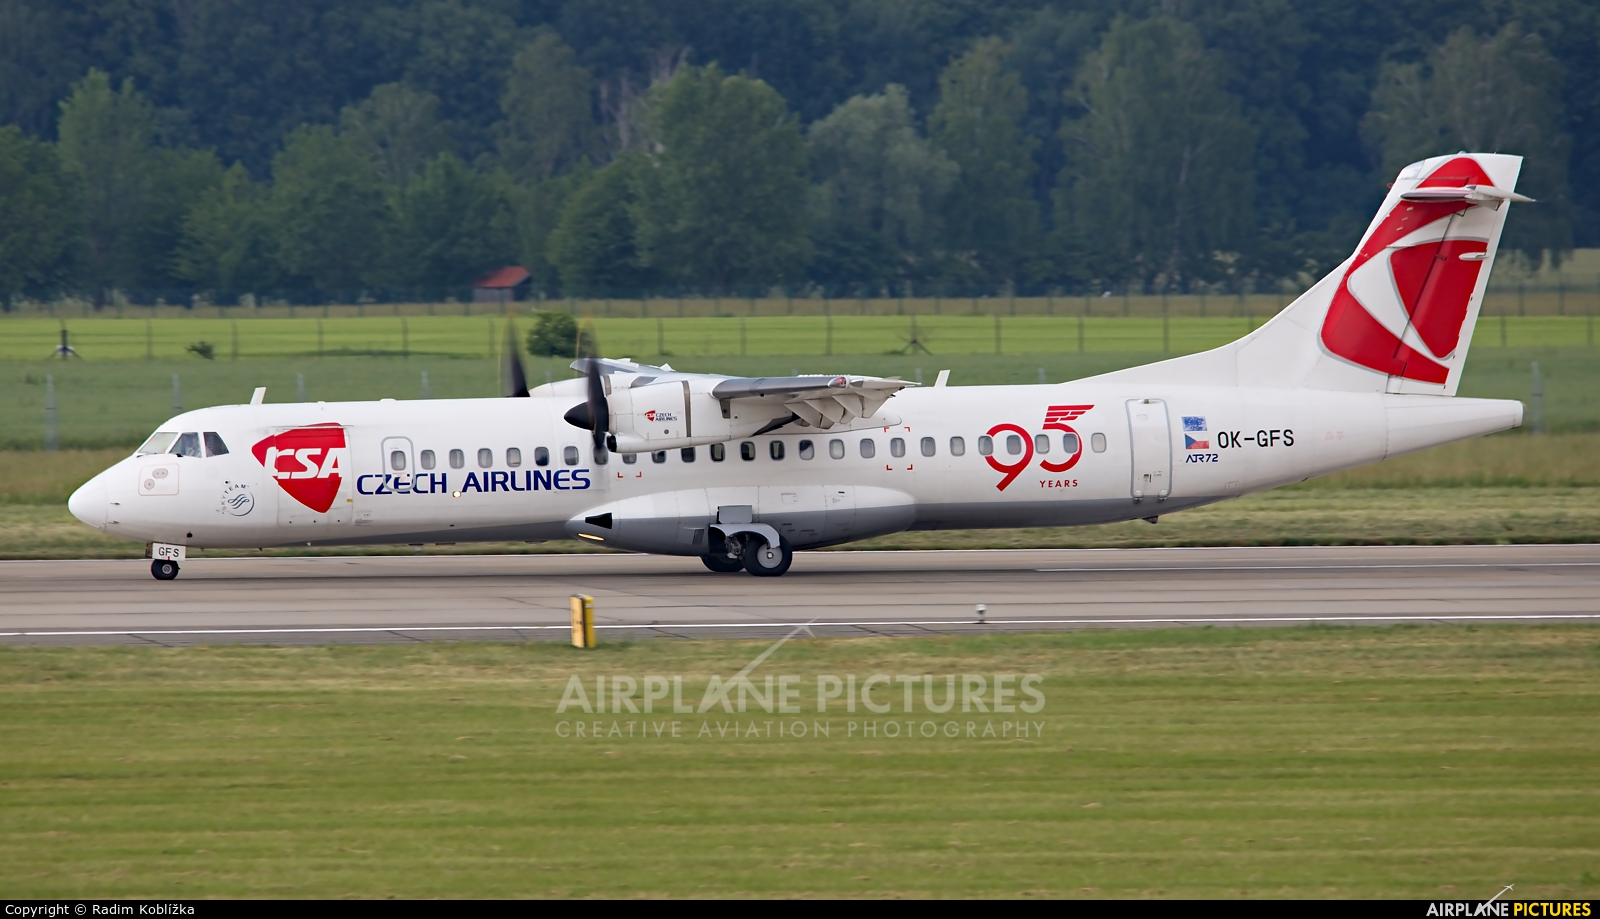 CSA - Czech Airlines OK-GFS aircraft at Ostrava Mošnov